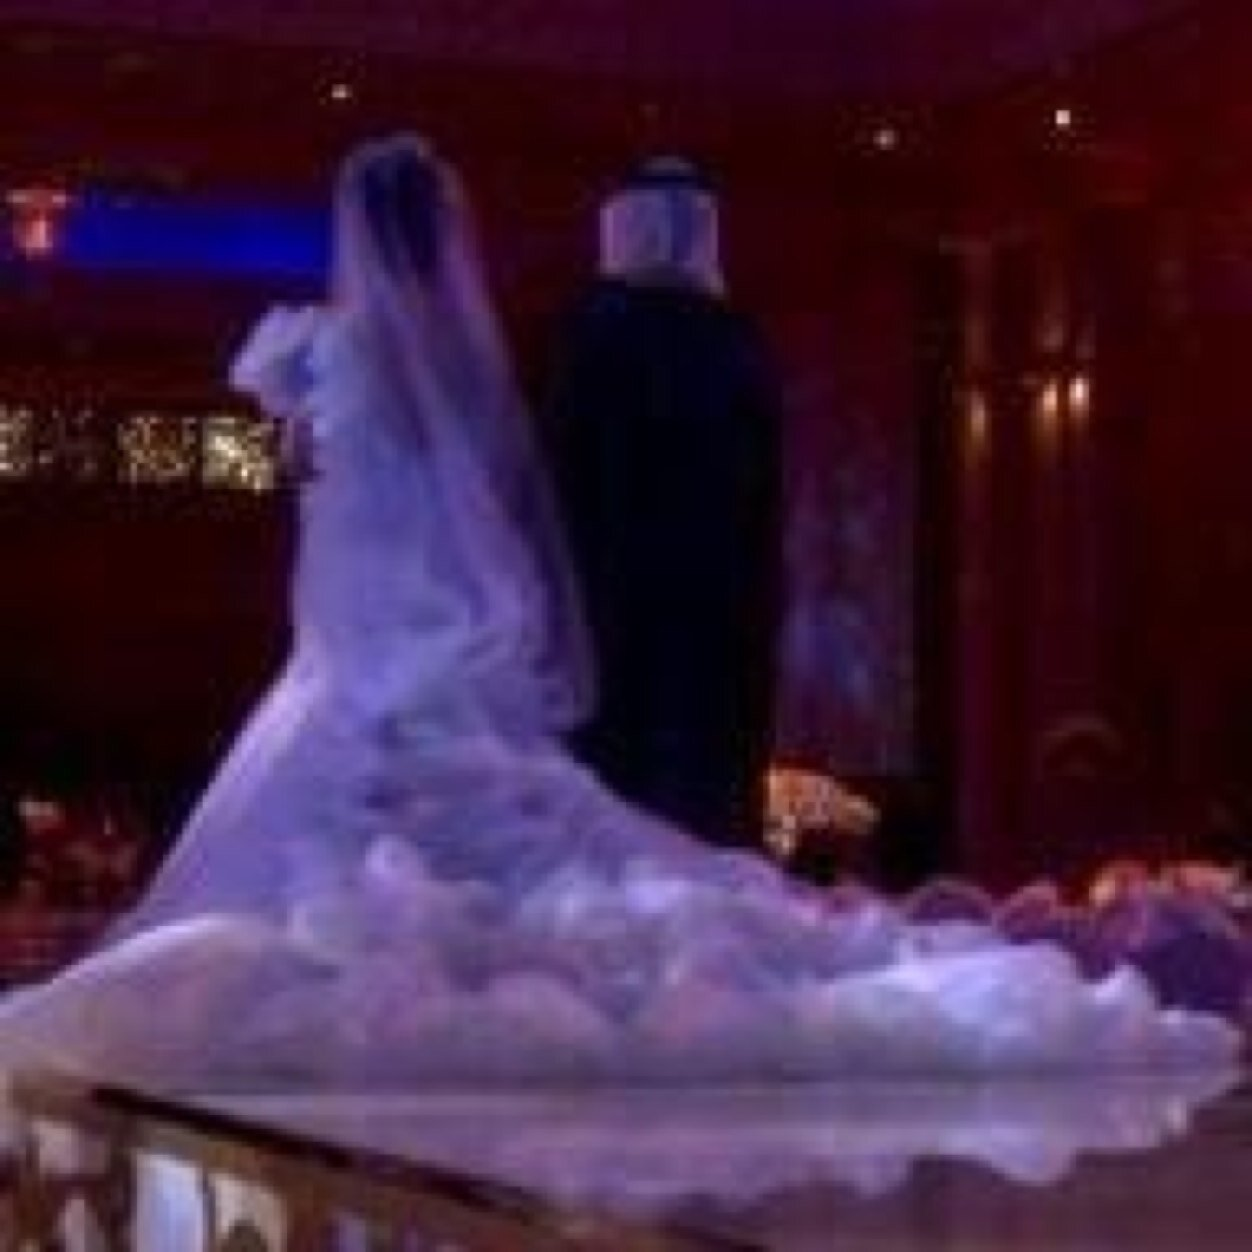 بالصور رمزيات عروس , اجمل صور العرائس وليله العمر